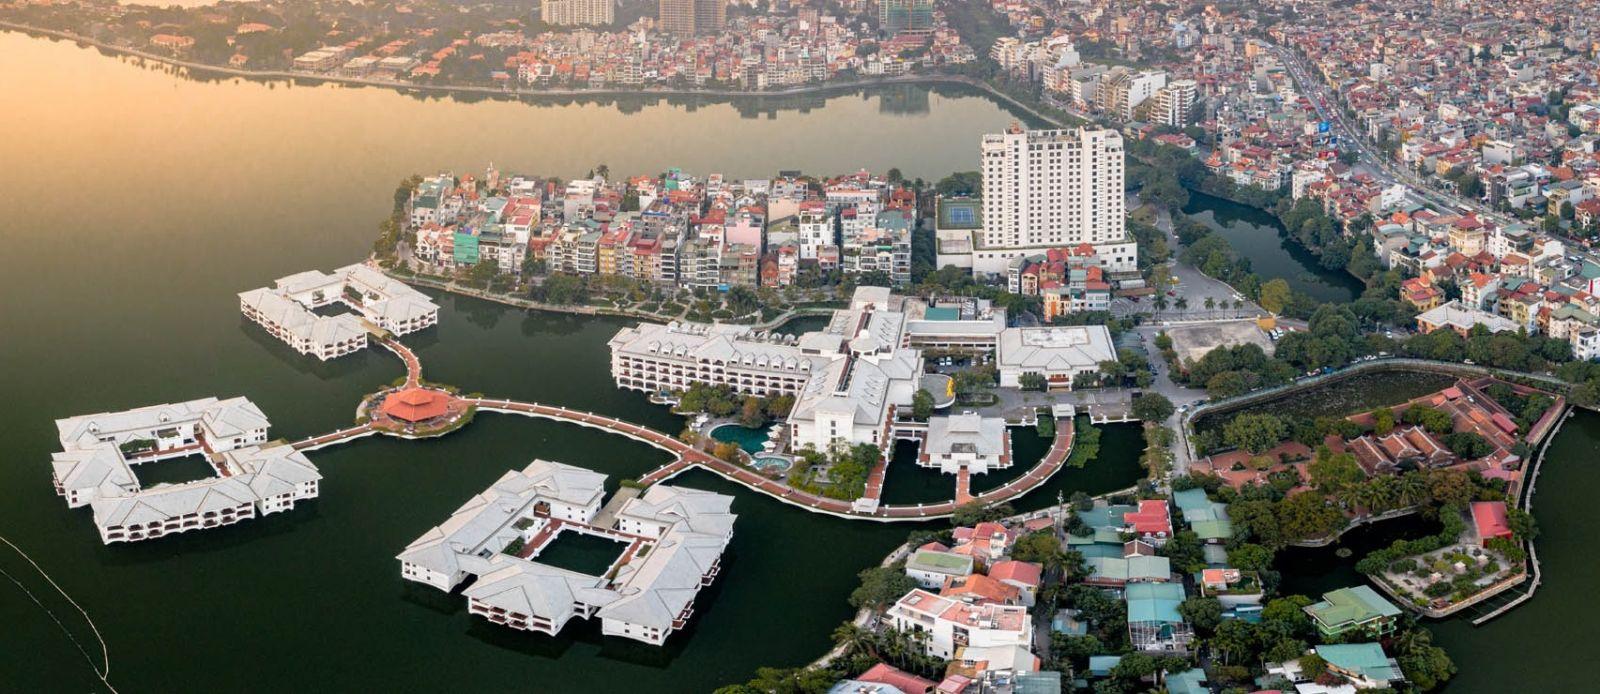 Hậu Covid-19: Nhà đầu tư bất động sản chọn thành phố hay tỉnh lẻ?